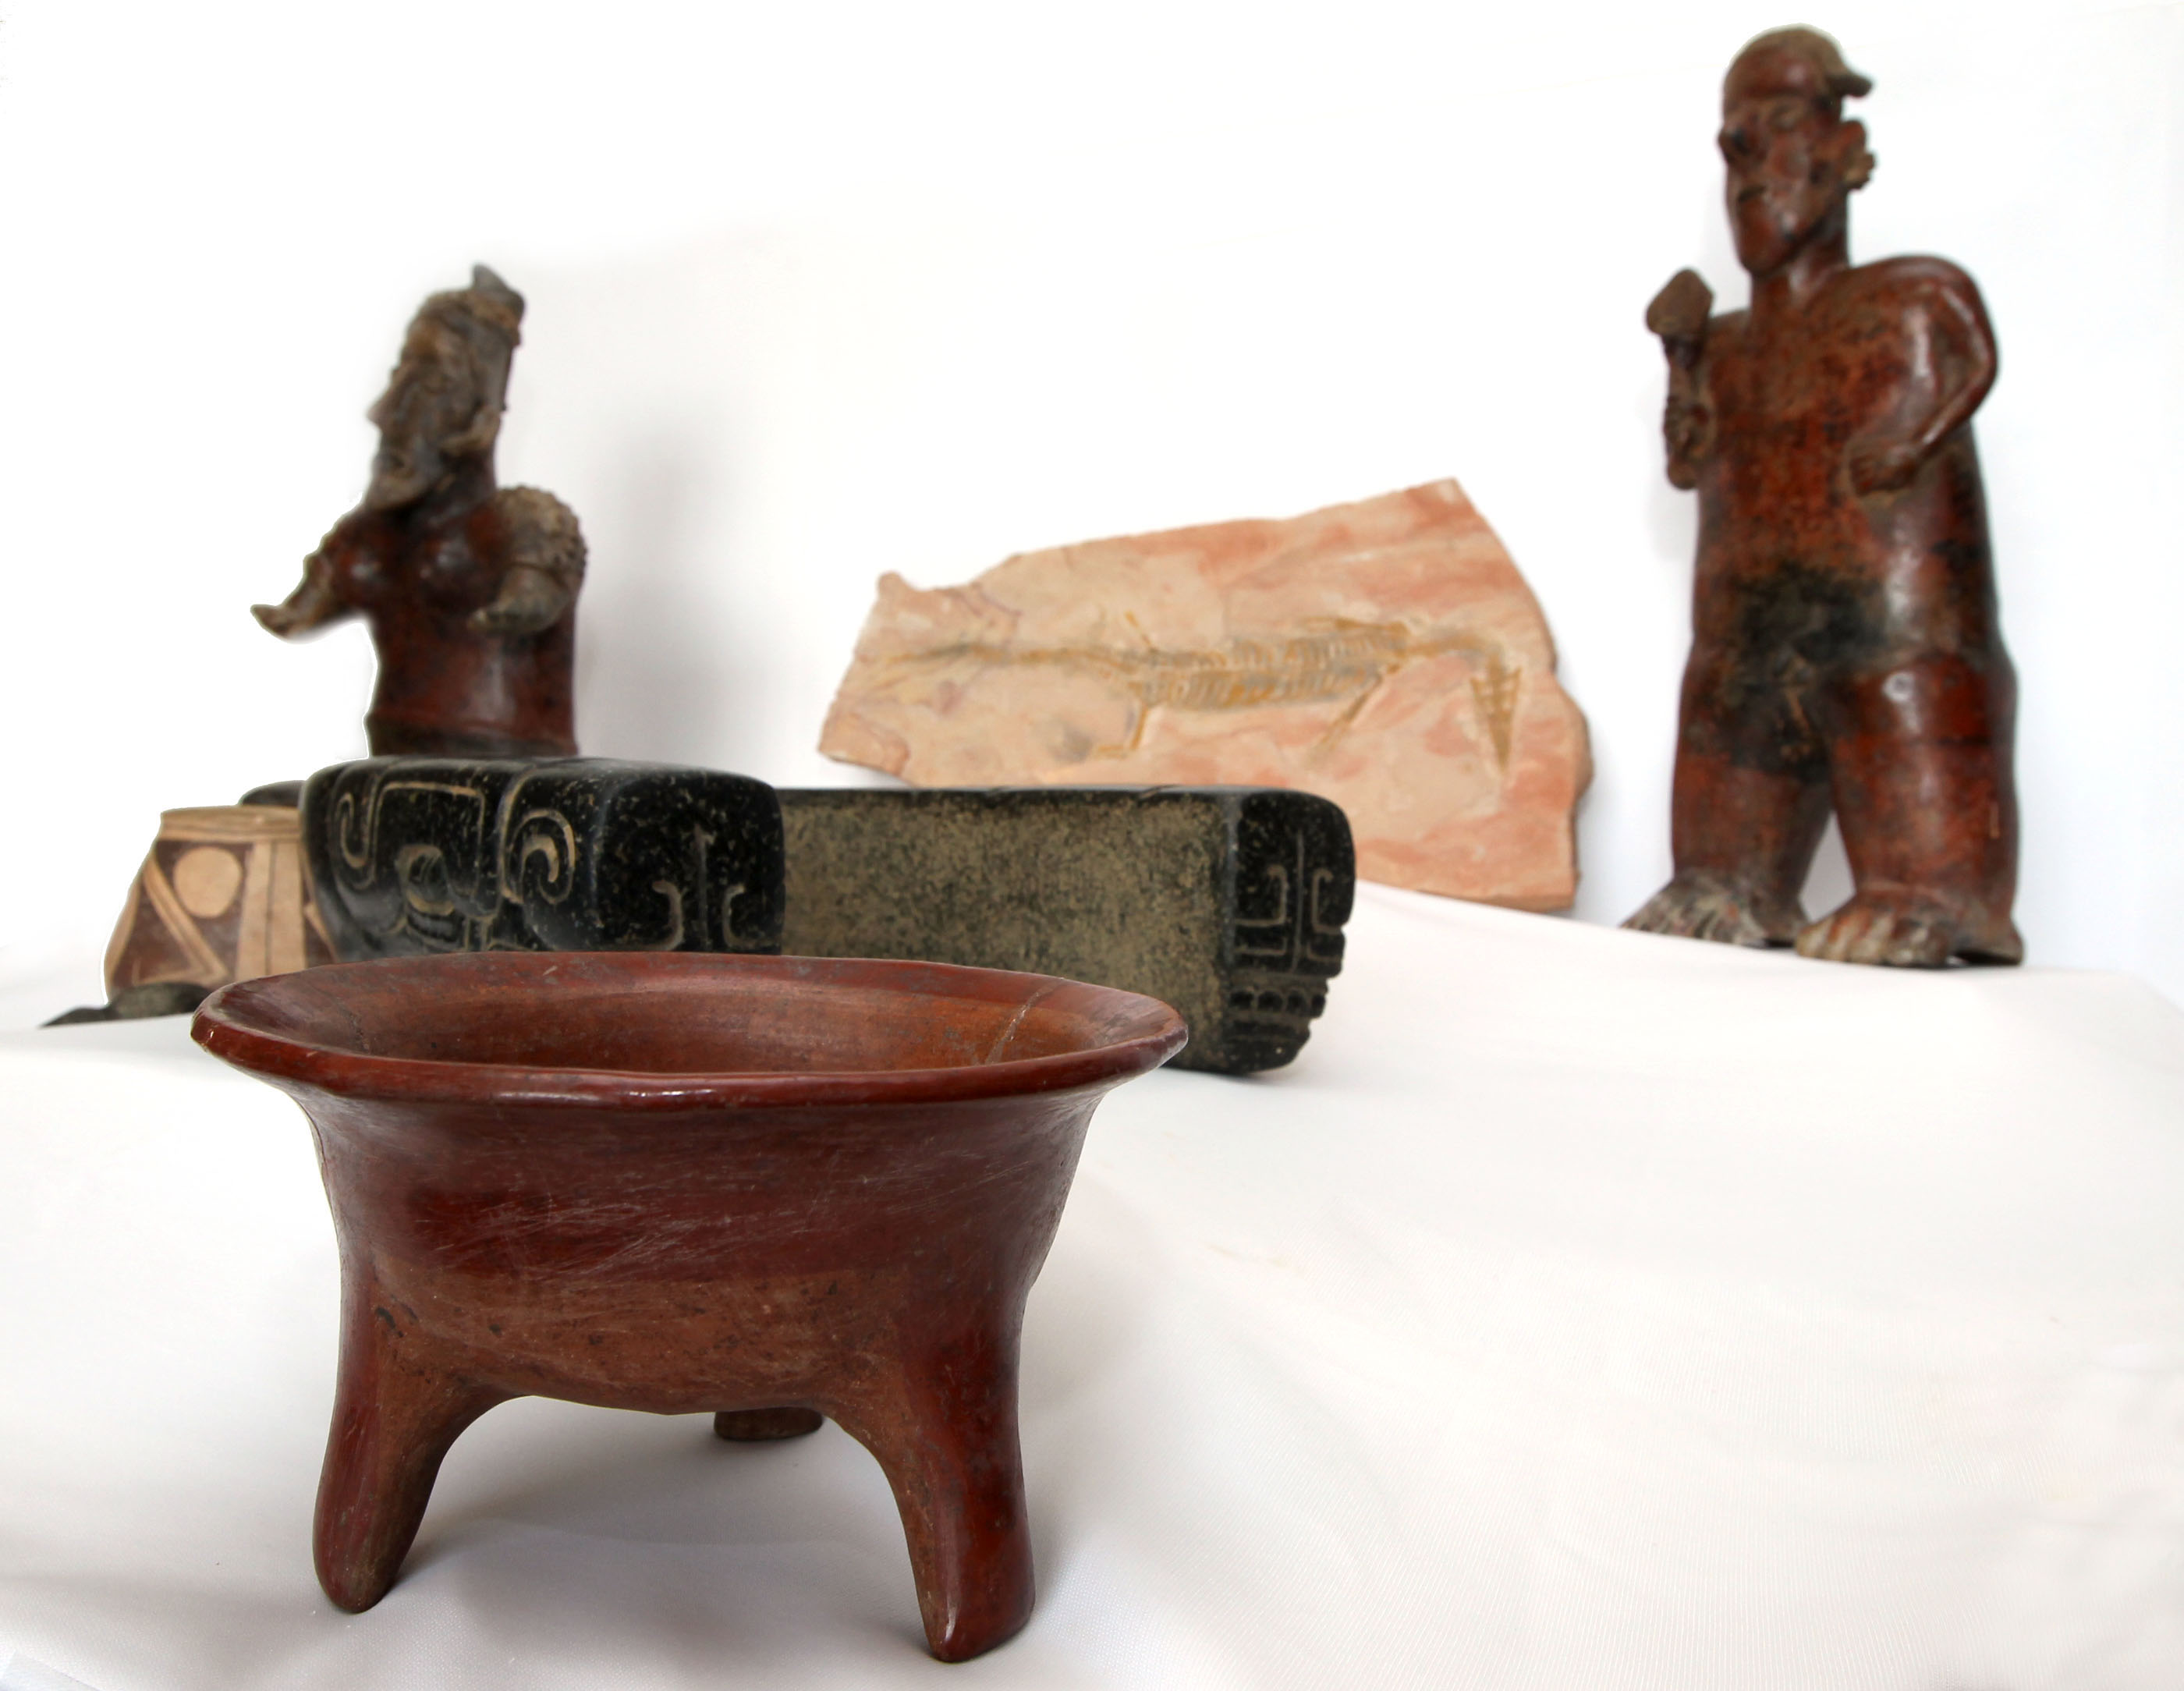 FOTO 2 M xico recupera piezas arqueol gicas y un f sil tras repatriaciones desde seis pa sesjpg